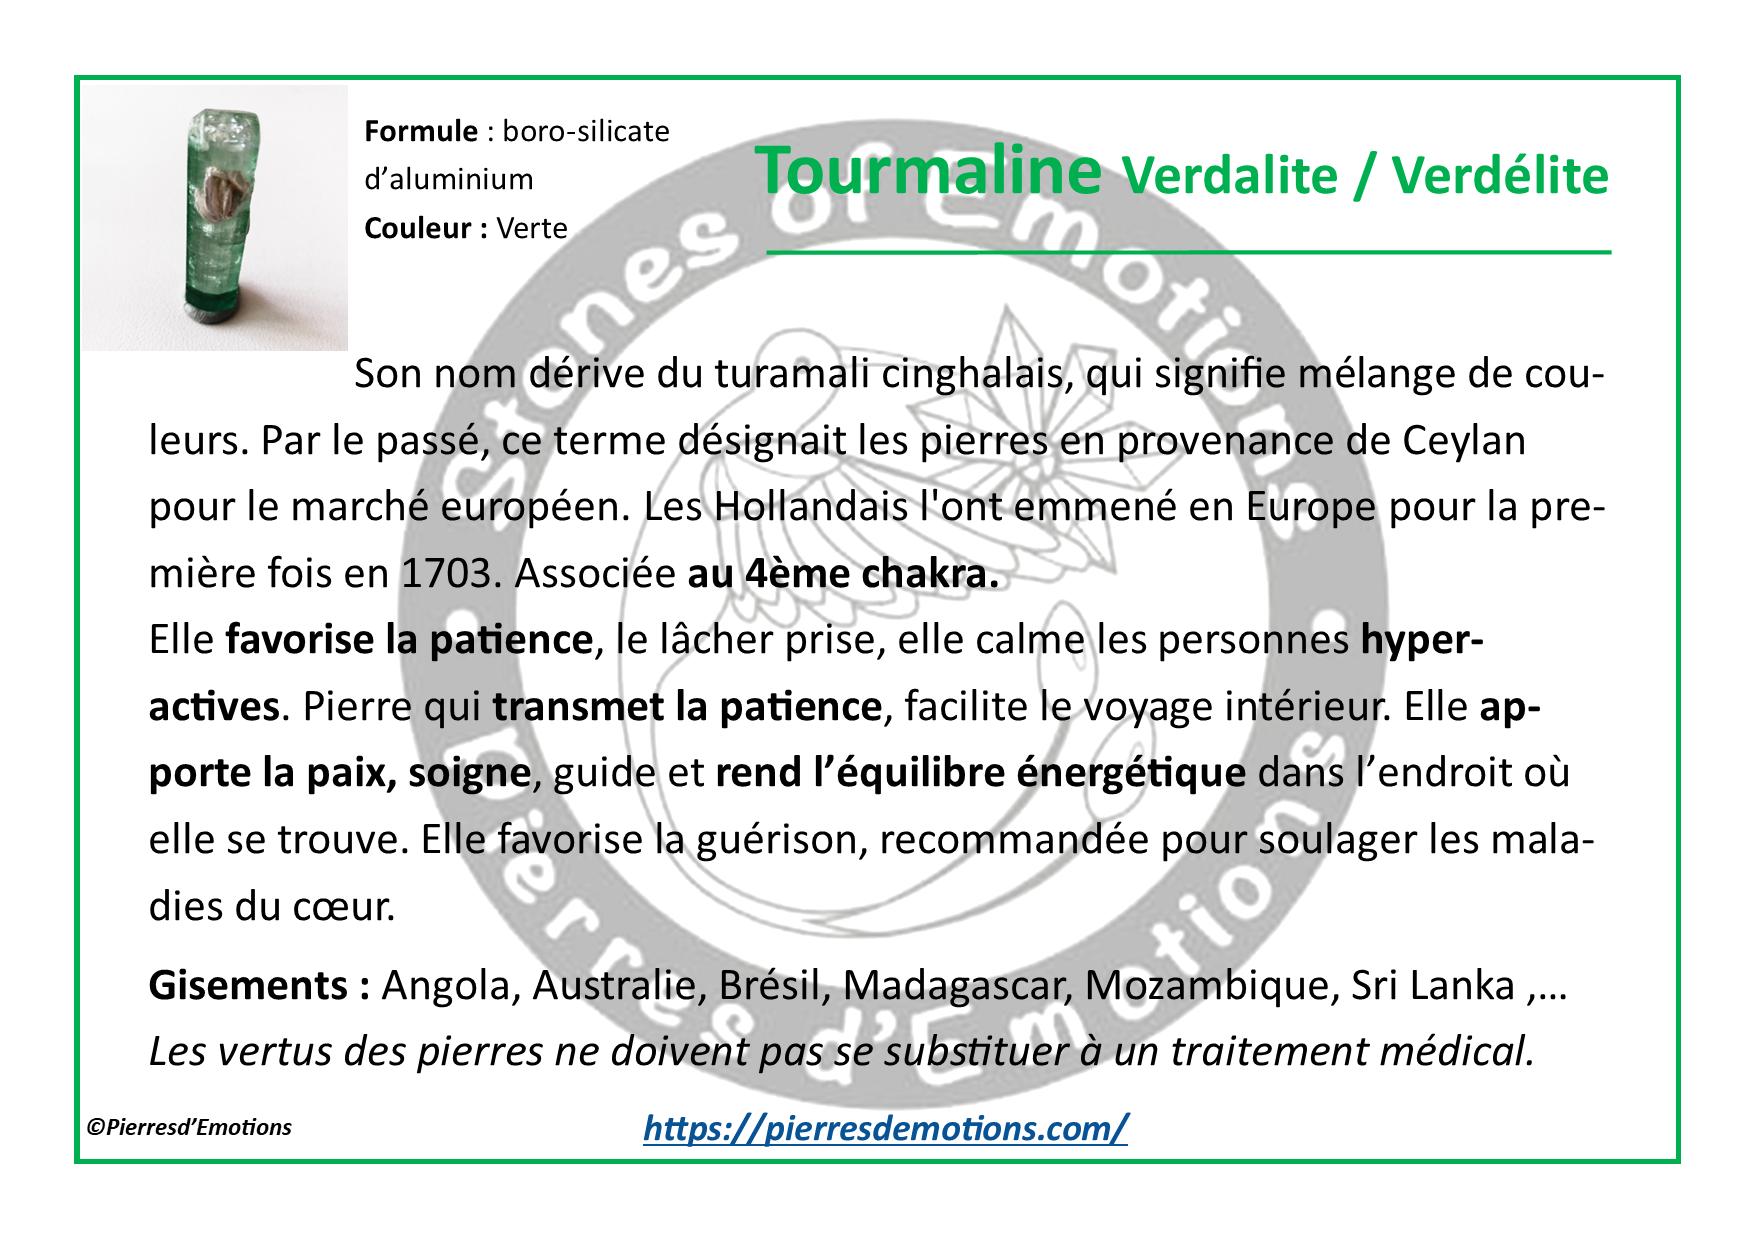 TourmalineVerdalite